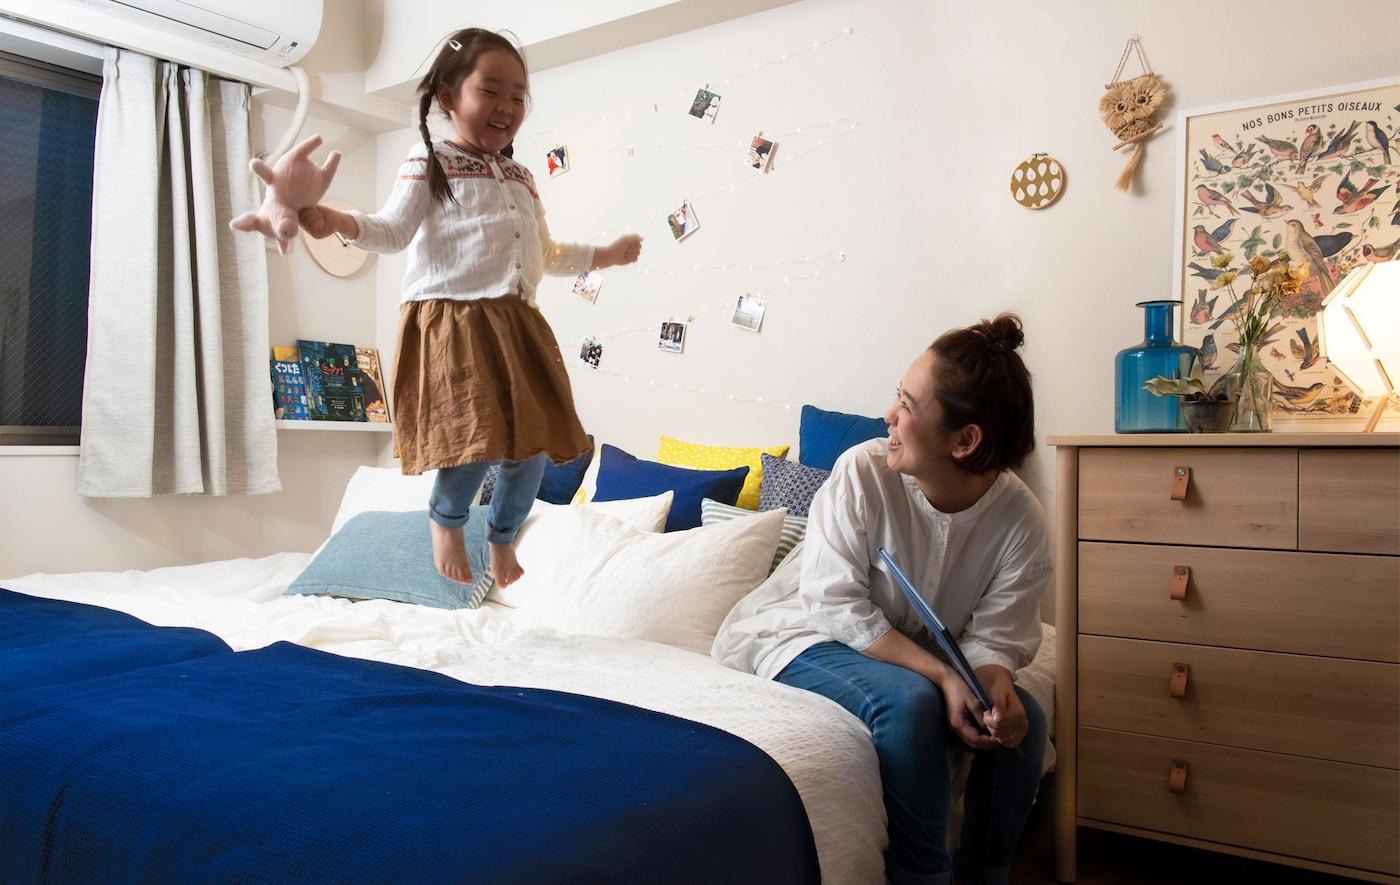 Mujer sentada y niña de pie en una cama grande en un dormitorio blanco con una estantería de pared.